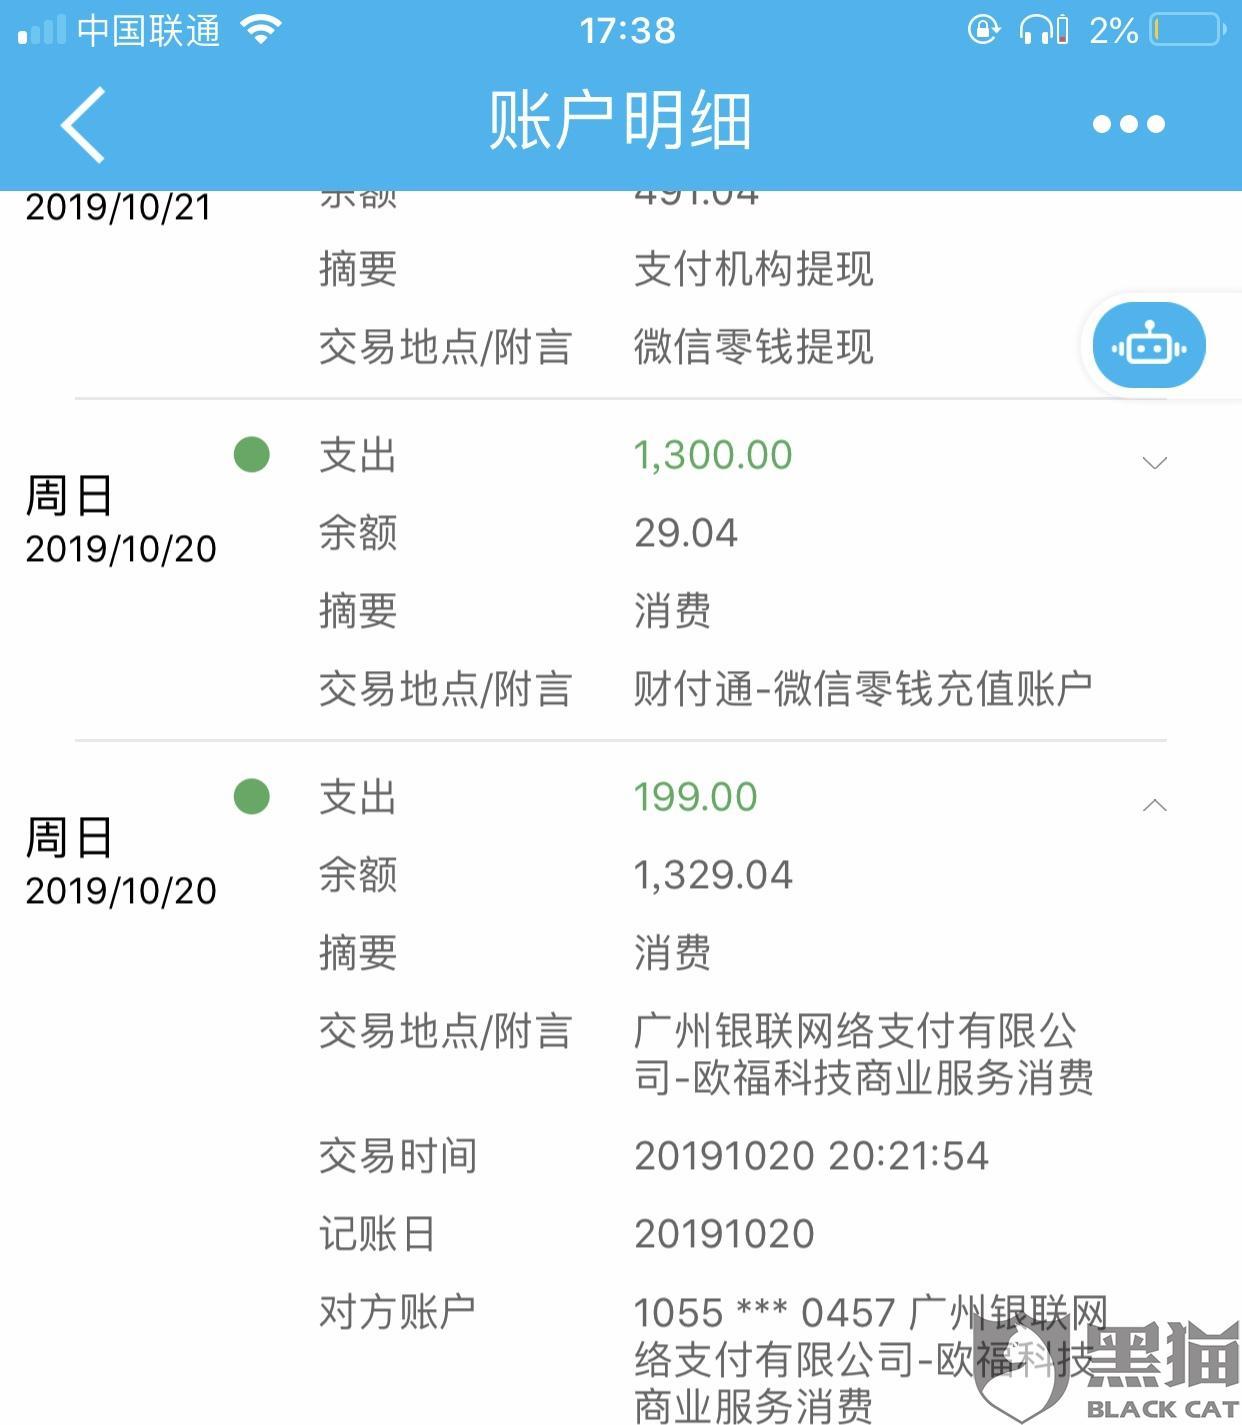 黑猫投诉:有钱花呗app未经许可擅自从我卡上扣取199元